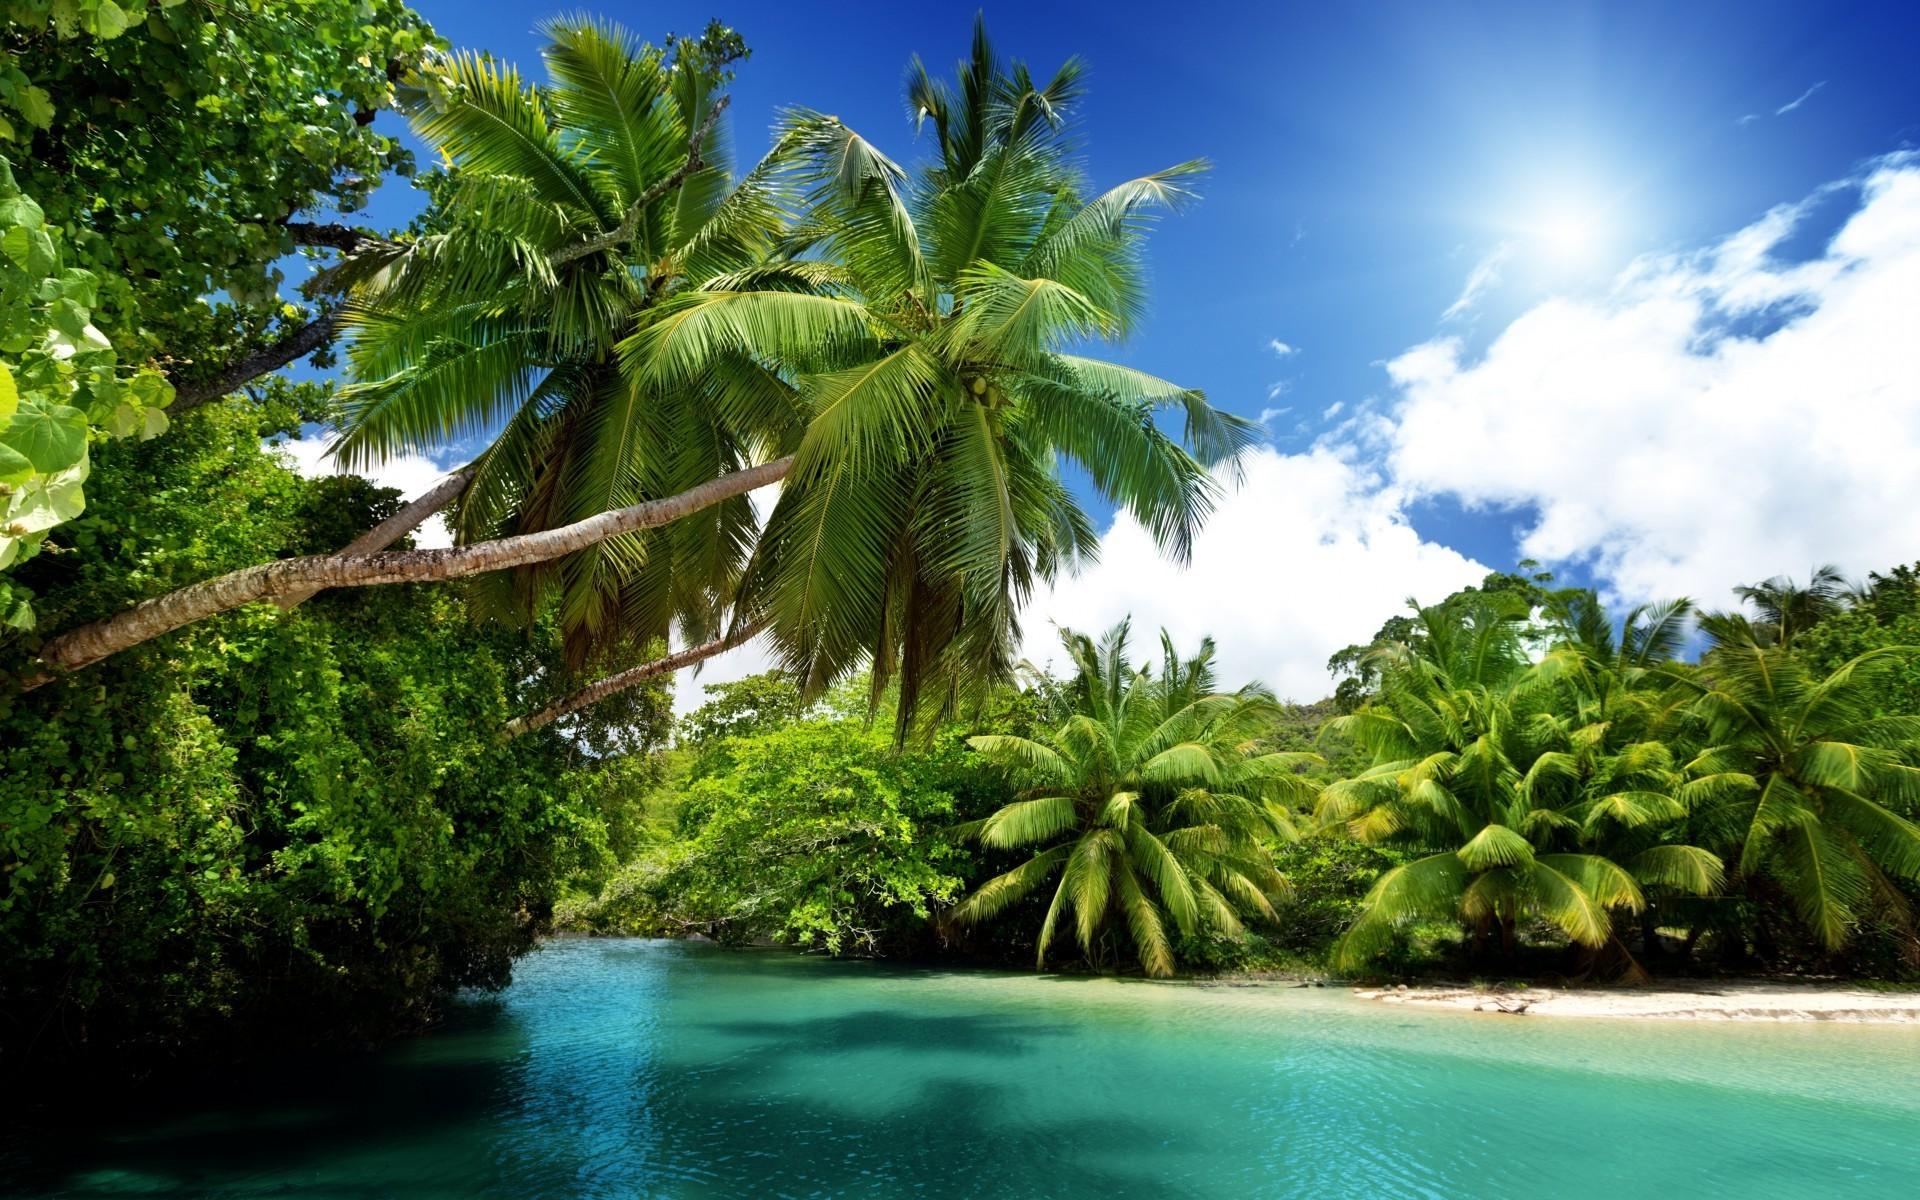 Hintergrundbilder Meer Bucht Sand Strand Palmen